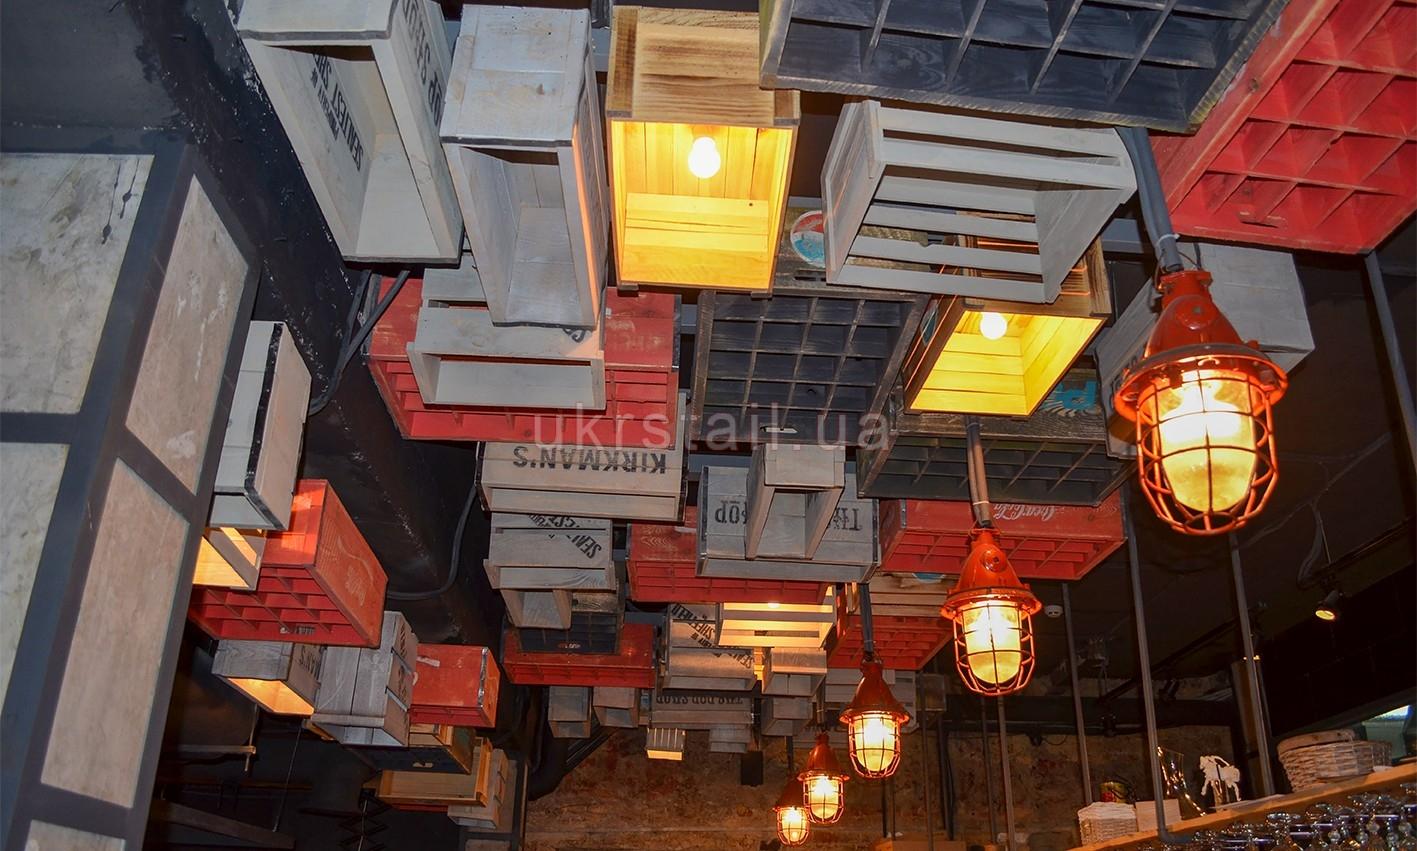 Декоративные ящики потолка кафе Жадный Лось Киев 06